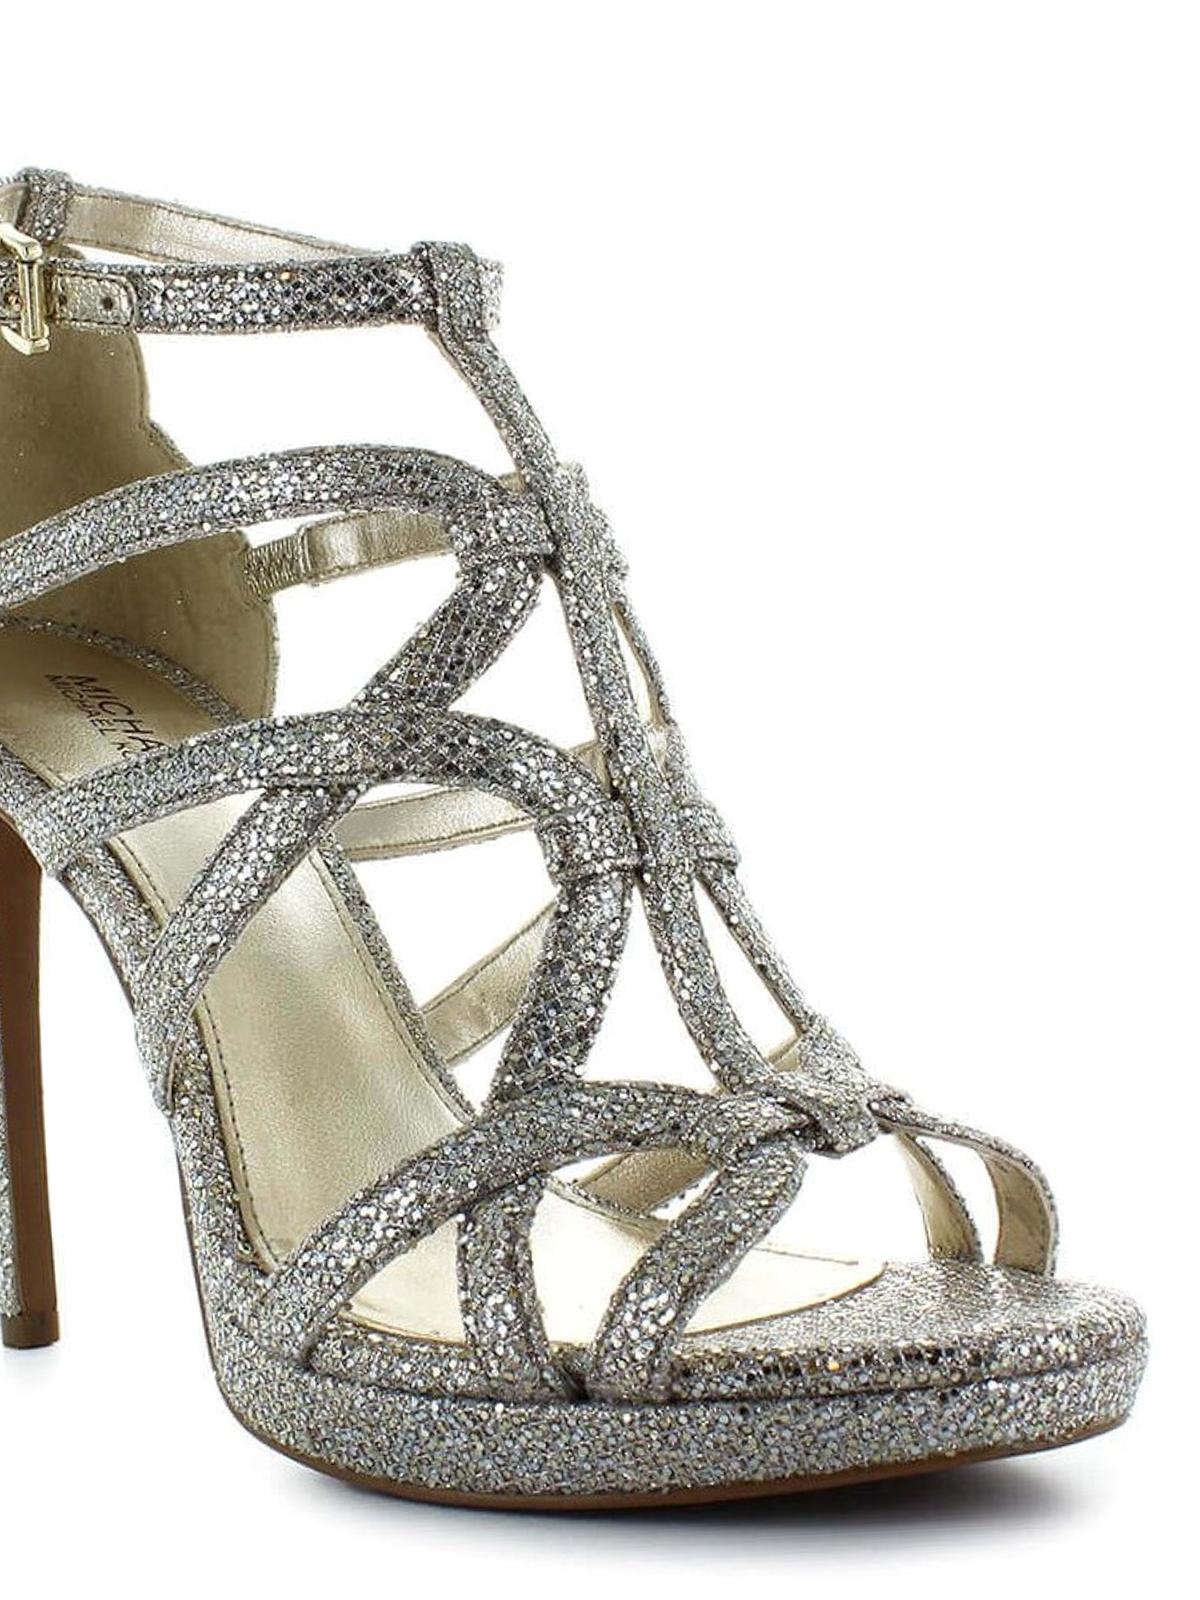 4b3af952868 iKRIX MICHAEL KORS  sandals - Sandra cage design glitter heeled sandals